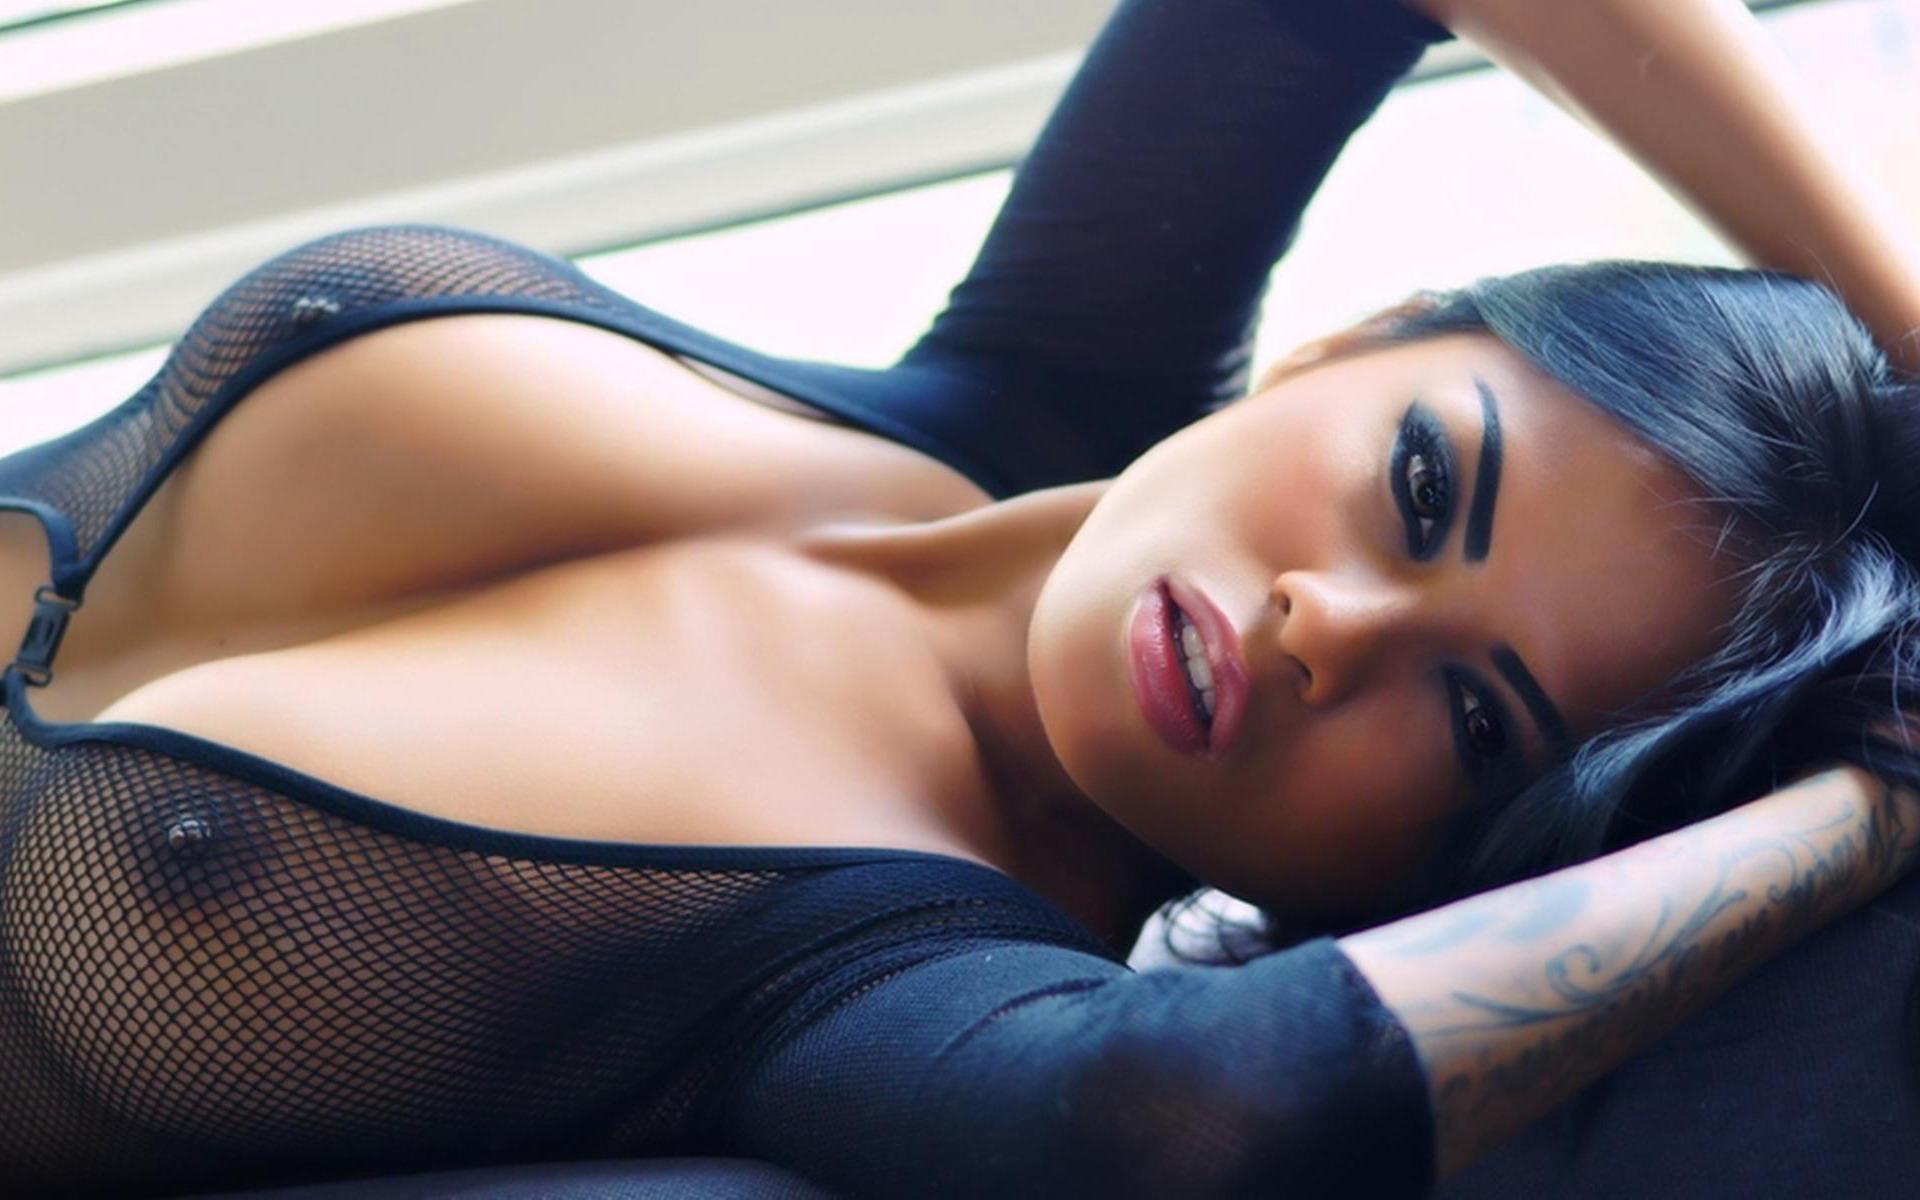 Hot Brazilian Women